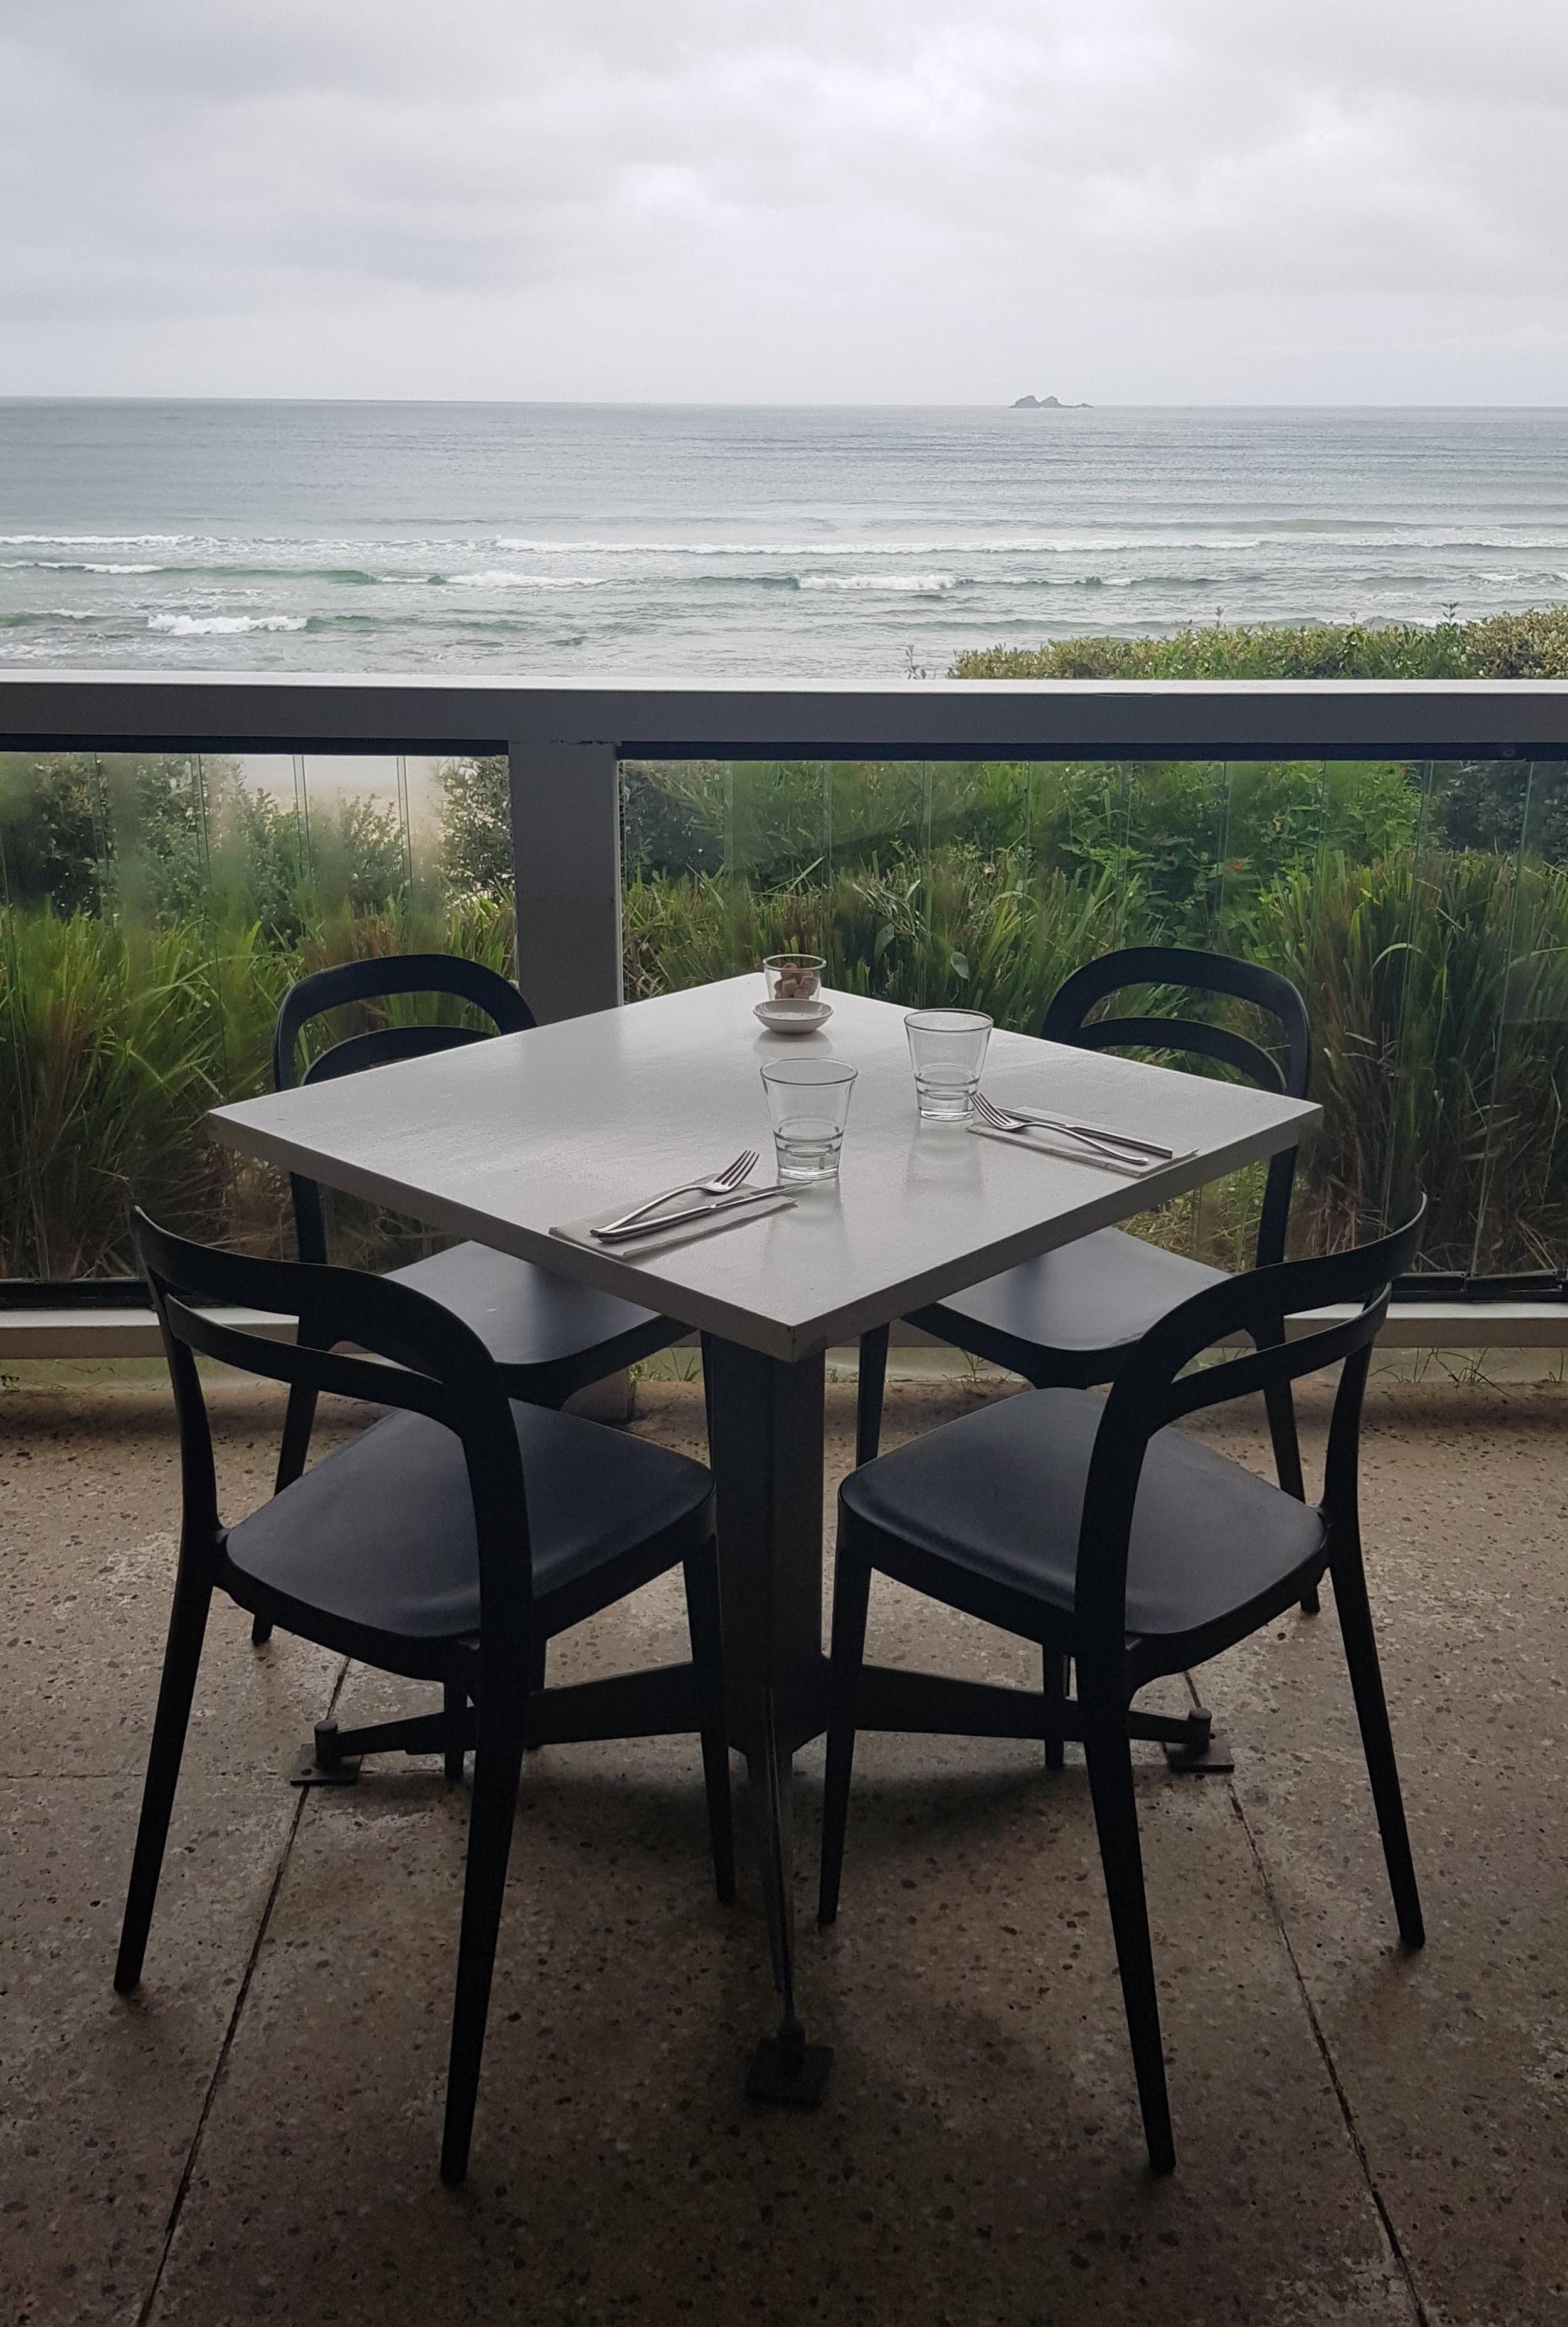 beach cafe 2.jpg